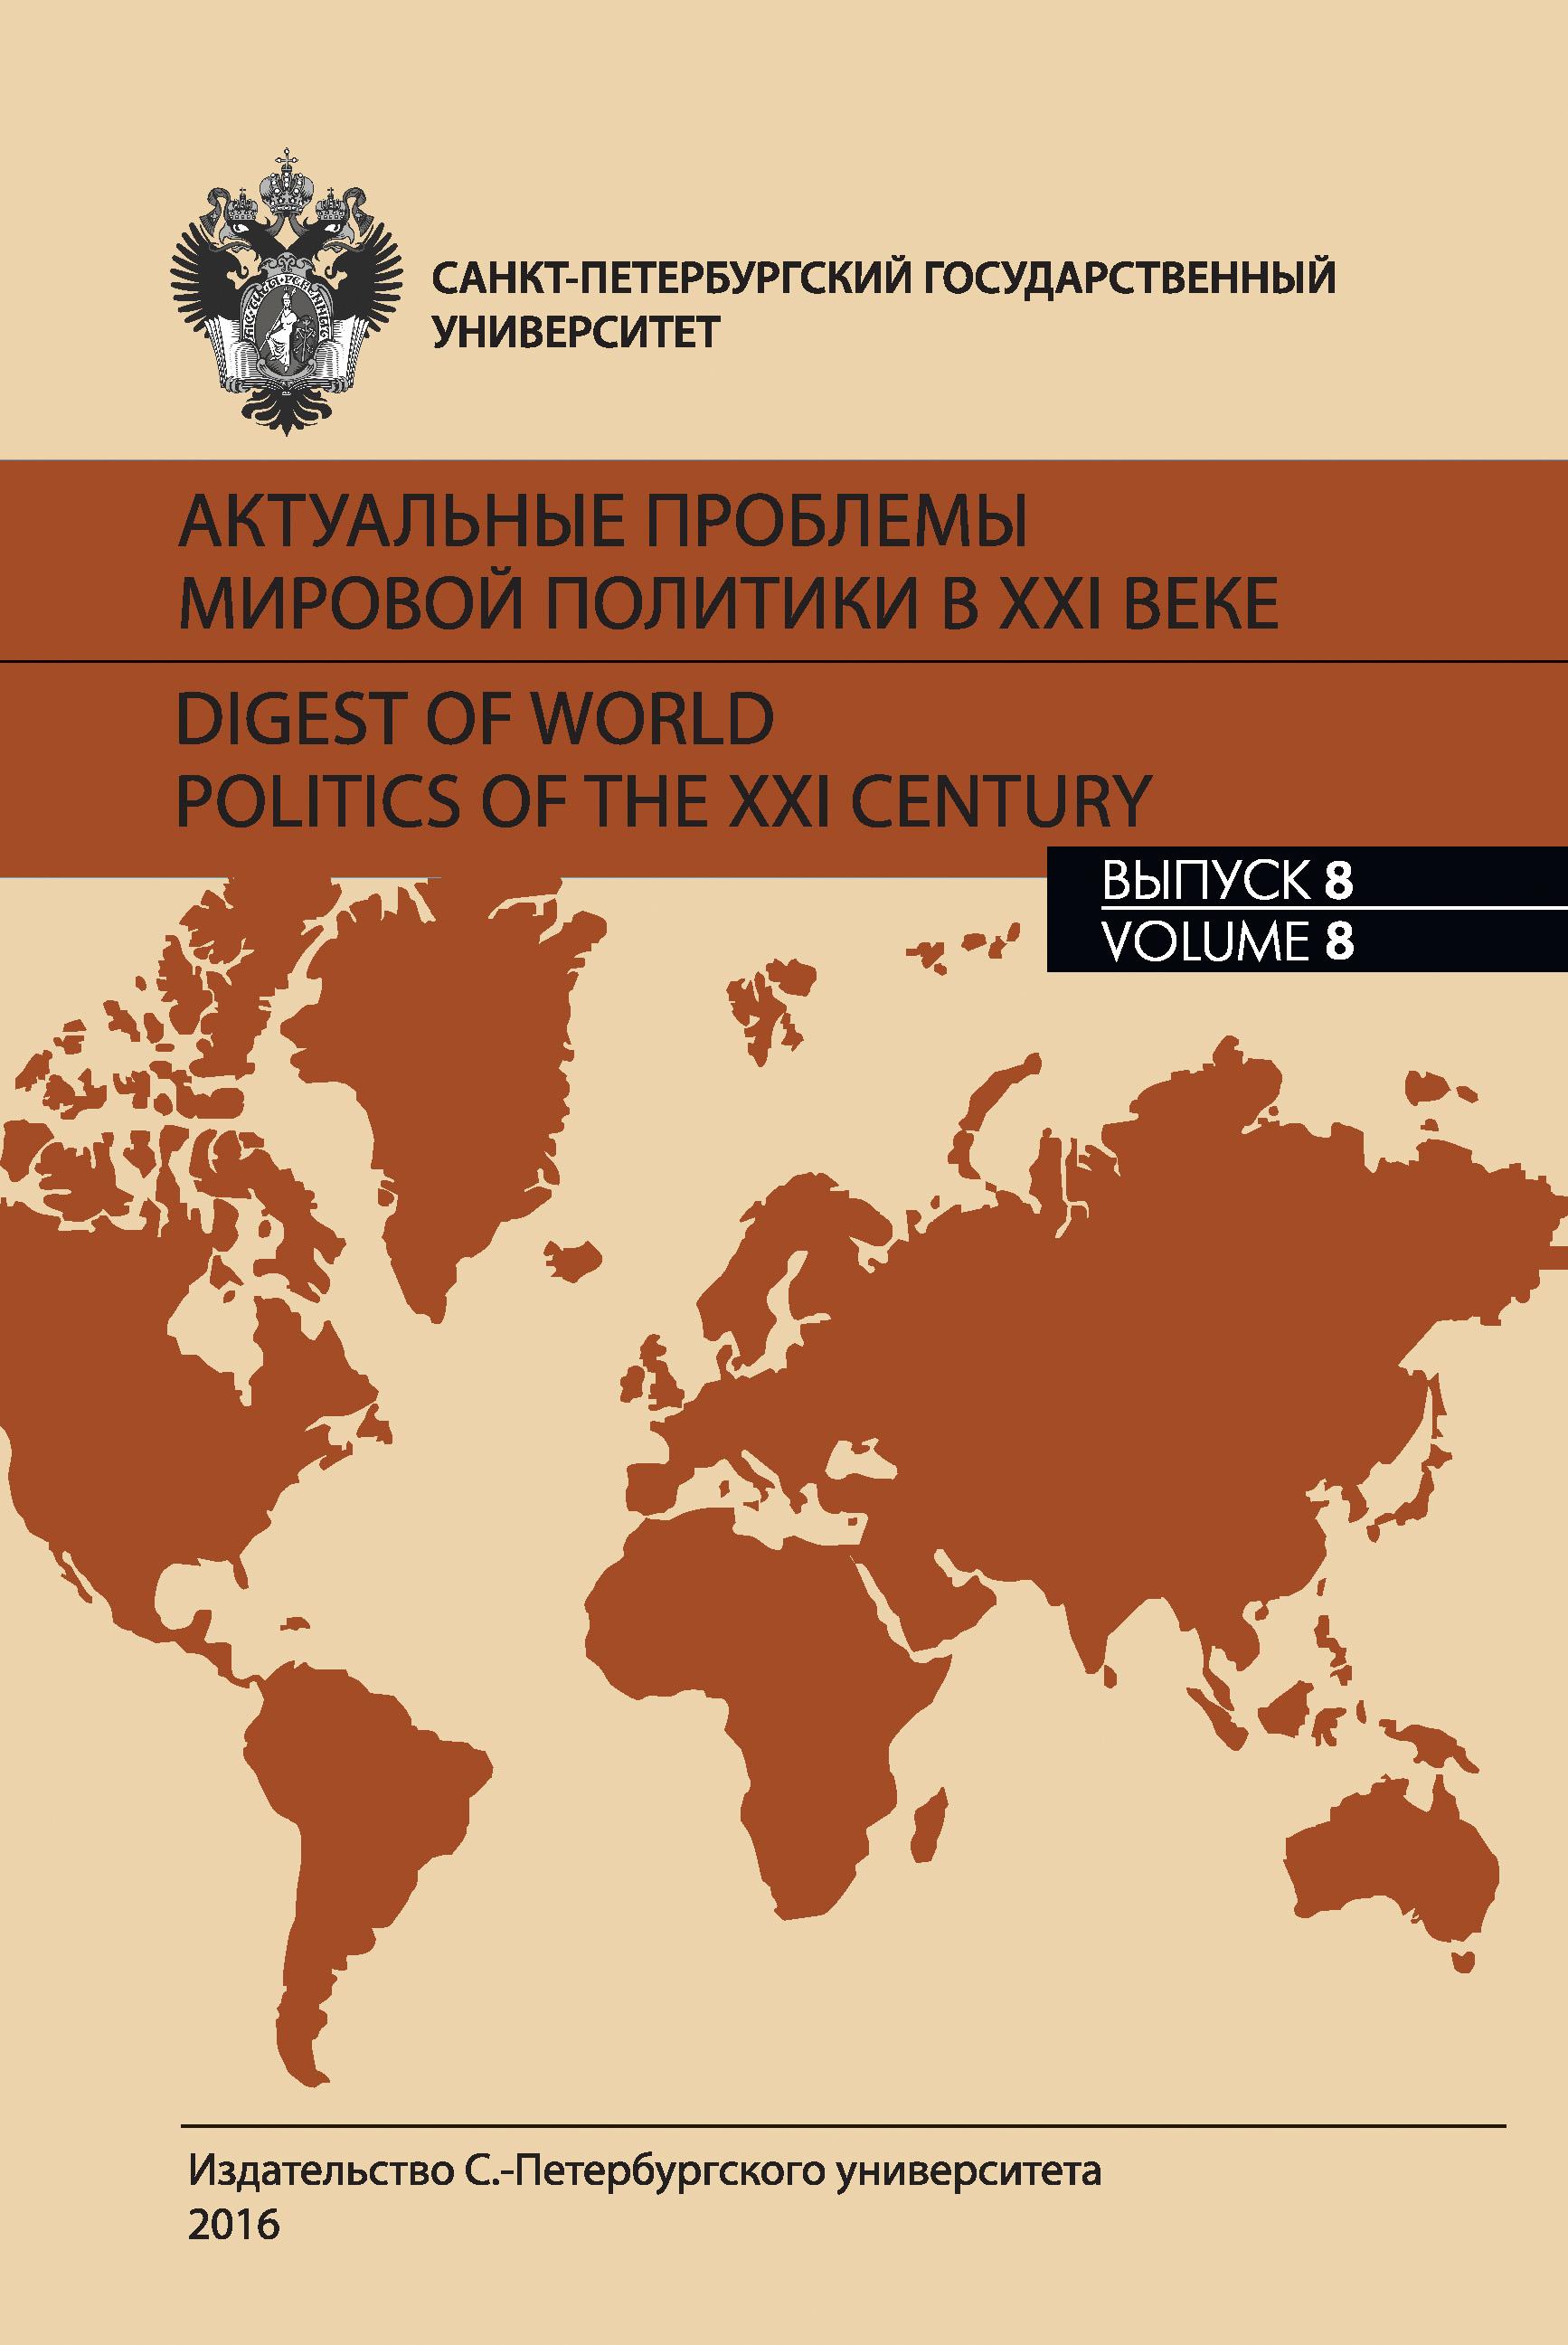 Сборник статей Актуальные проблемы мировой политики в XXI веке. Выпуск 8 политики